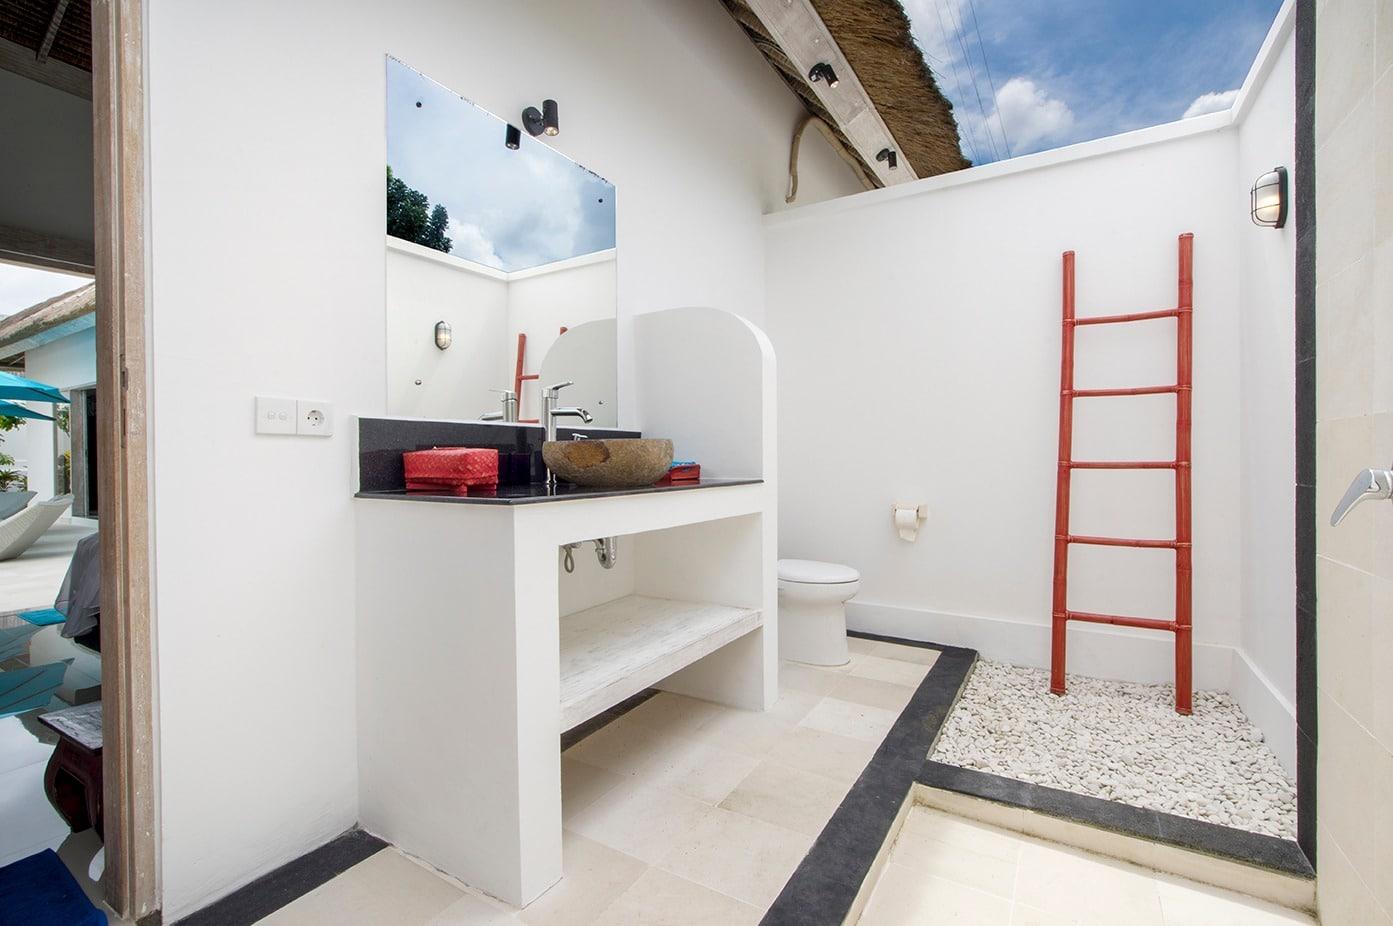 Chambre Ouverte Salle De Bain salle de bain semi ouverte associée à la chambre rouge villa